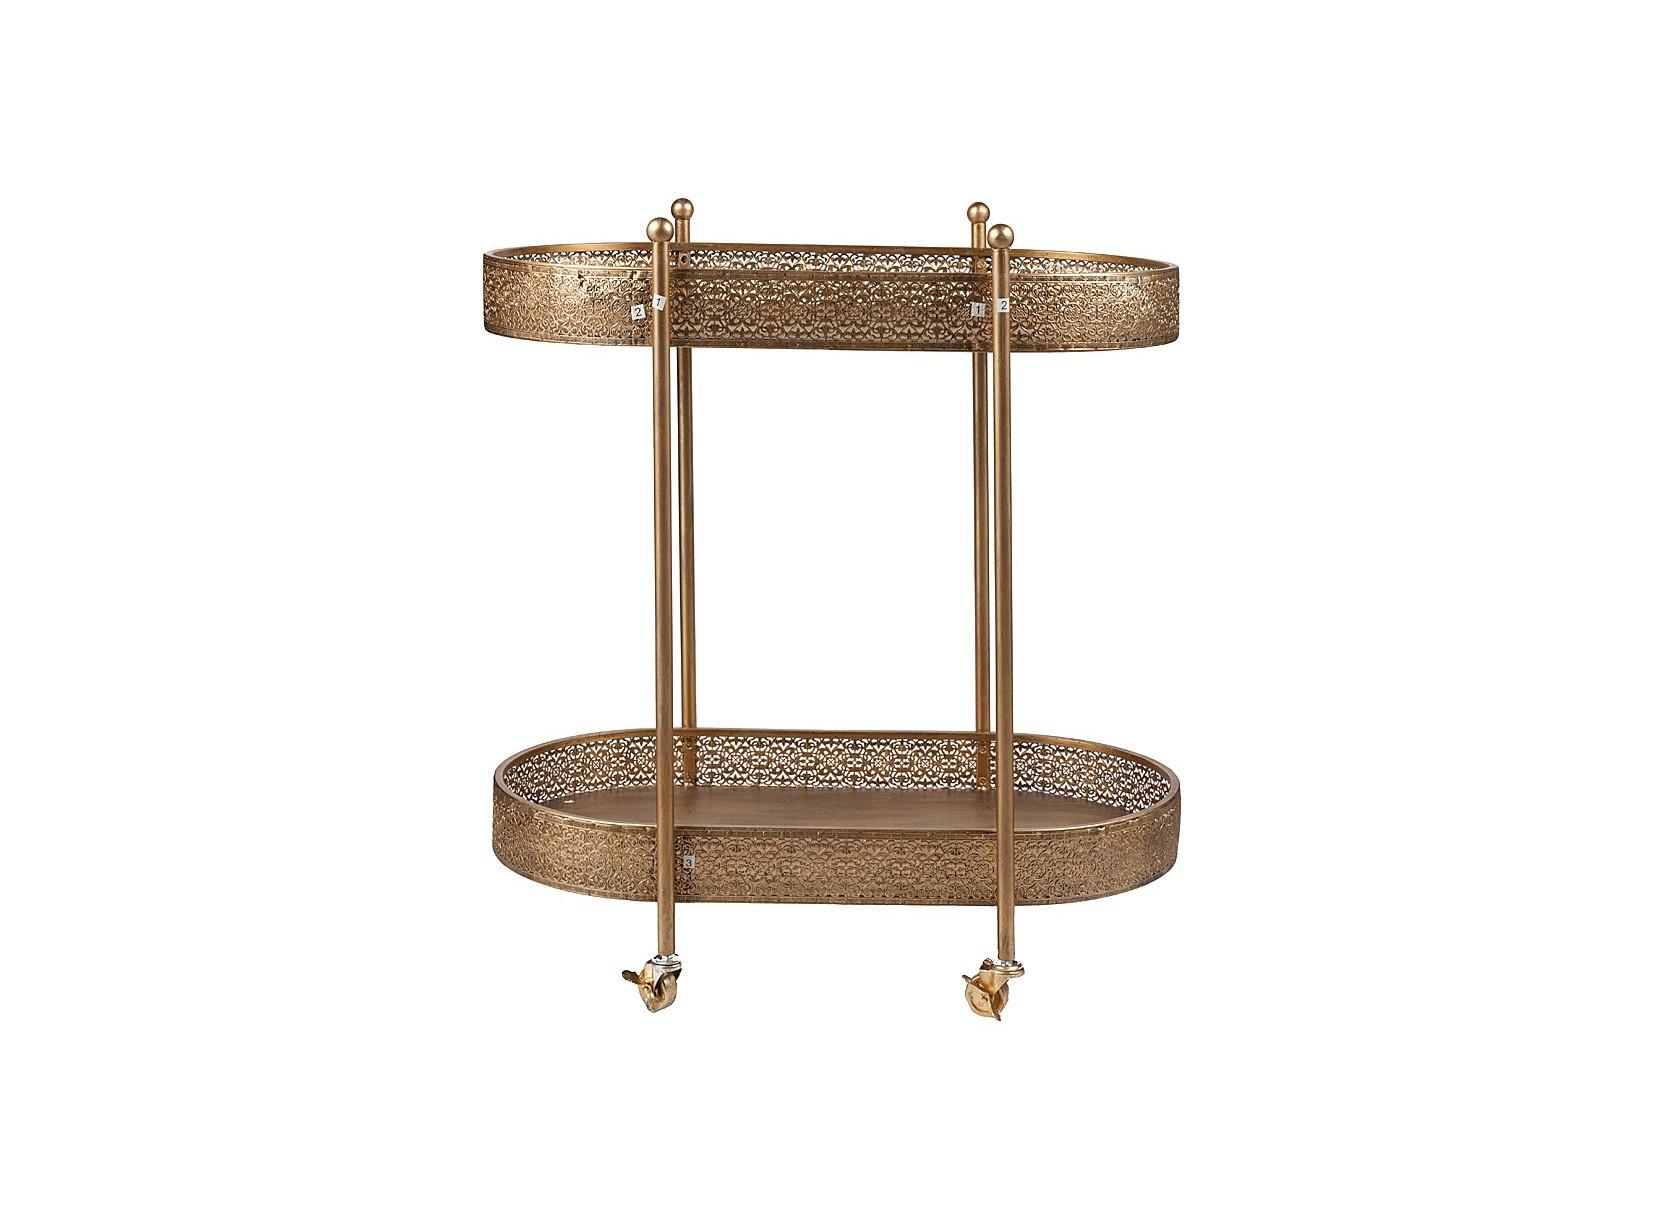 Сервировочный столик CleoСервировочные столики<br>Сервировочный столик Cleo на колёсиках — прекрасное решение для вашей кухни или столовой. Очень мобильный и функциональный, он станет незаменимым помощником хлебосольной хозяйки, это очень удобная вещь, поскольку  на нём можно перевозить еду и напитки. Эта мебель отлично подходит для любого интерьера и благодаря своей функциональности его особенно оценят ваши гости. А великолепный золотой цвет и тончайшее ажурное плетение будут притягивать их восхищенные взгляды.<br><br>Material: Металл<br>Width см: 91<br>Depth см: 51<br>Height см: 83